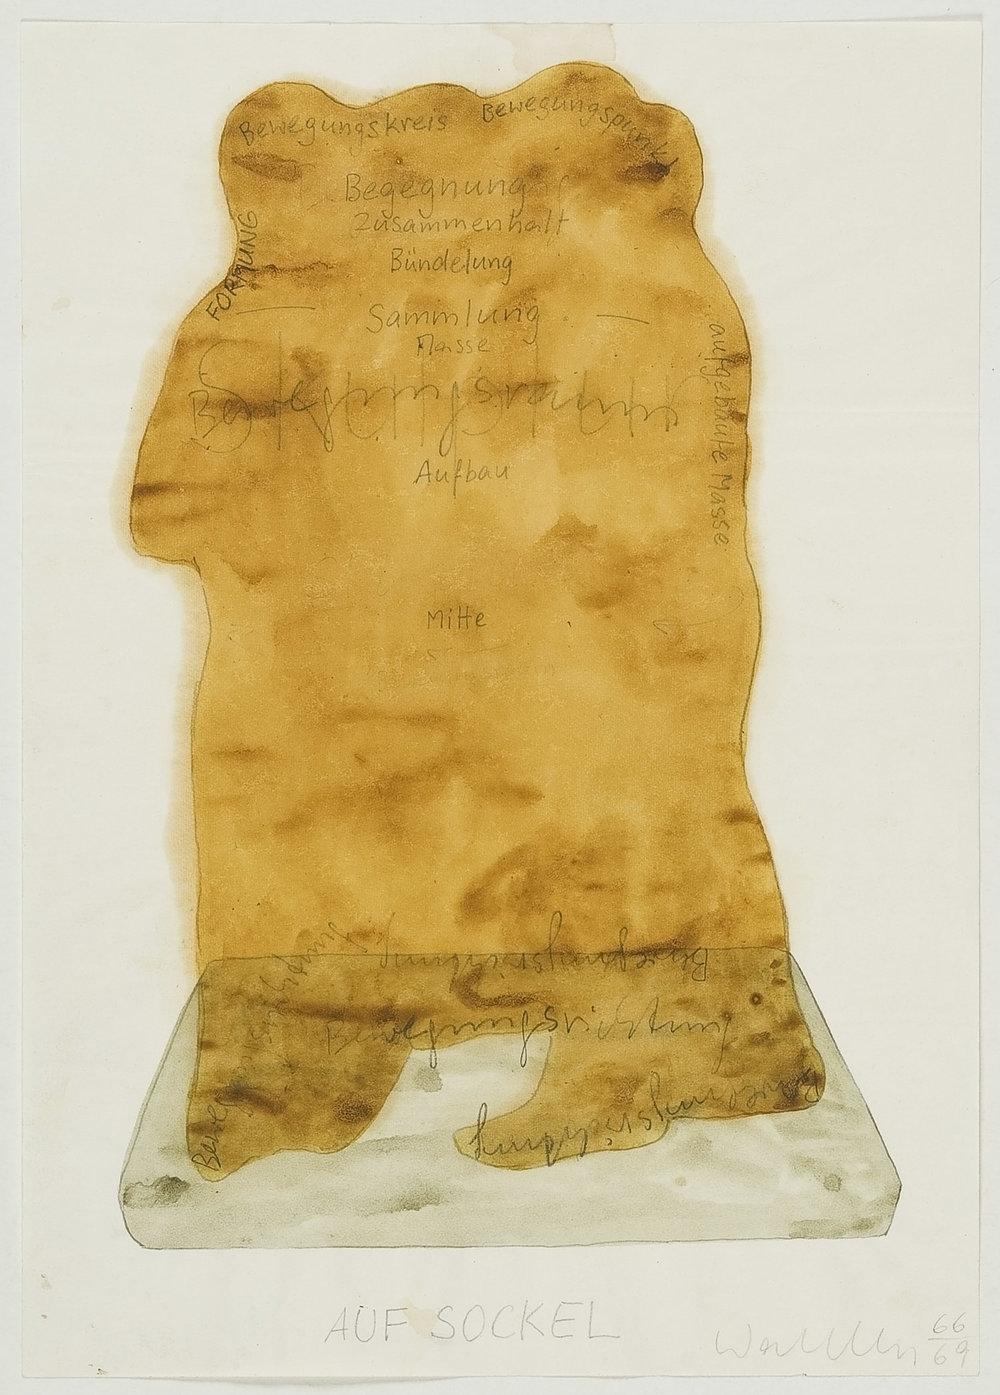 Lebensbild | 1966-69 | Bleistift und Wasserfarben auf Papier | 29,5 x 21 cm